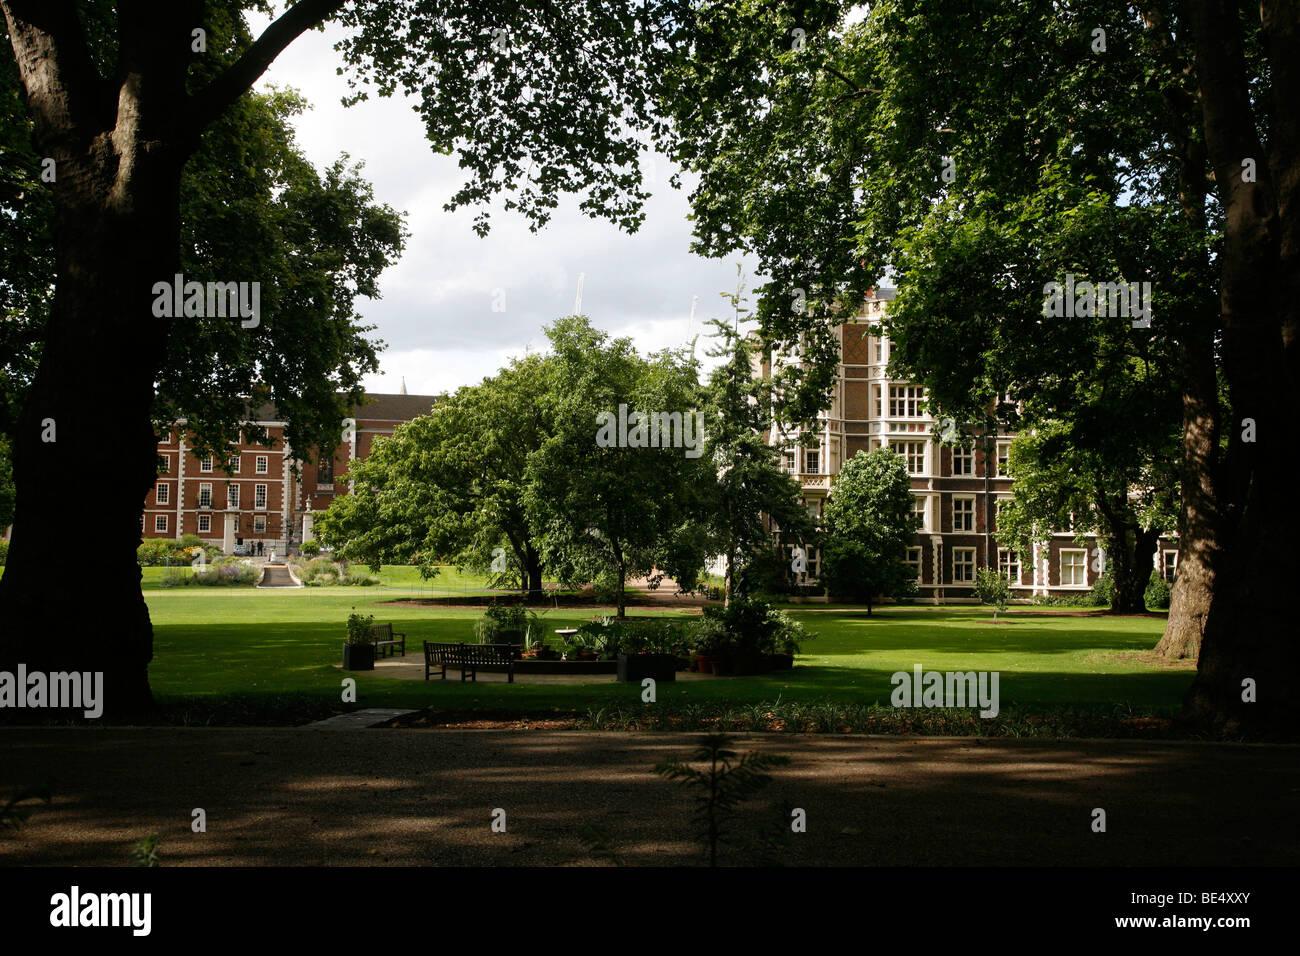 Inner Temple Garden, Inner Temple, Inns of Court, London, UK - Stock Image